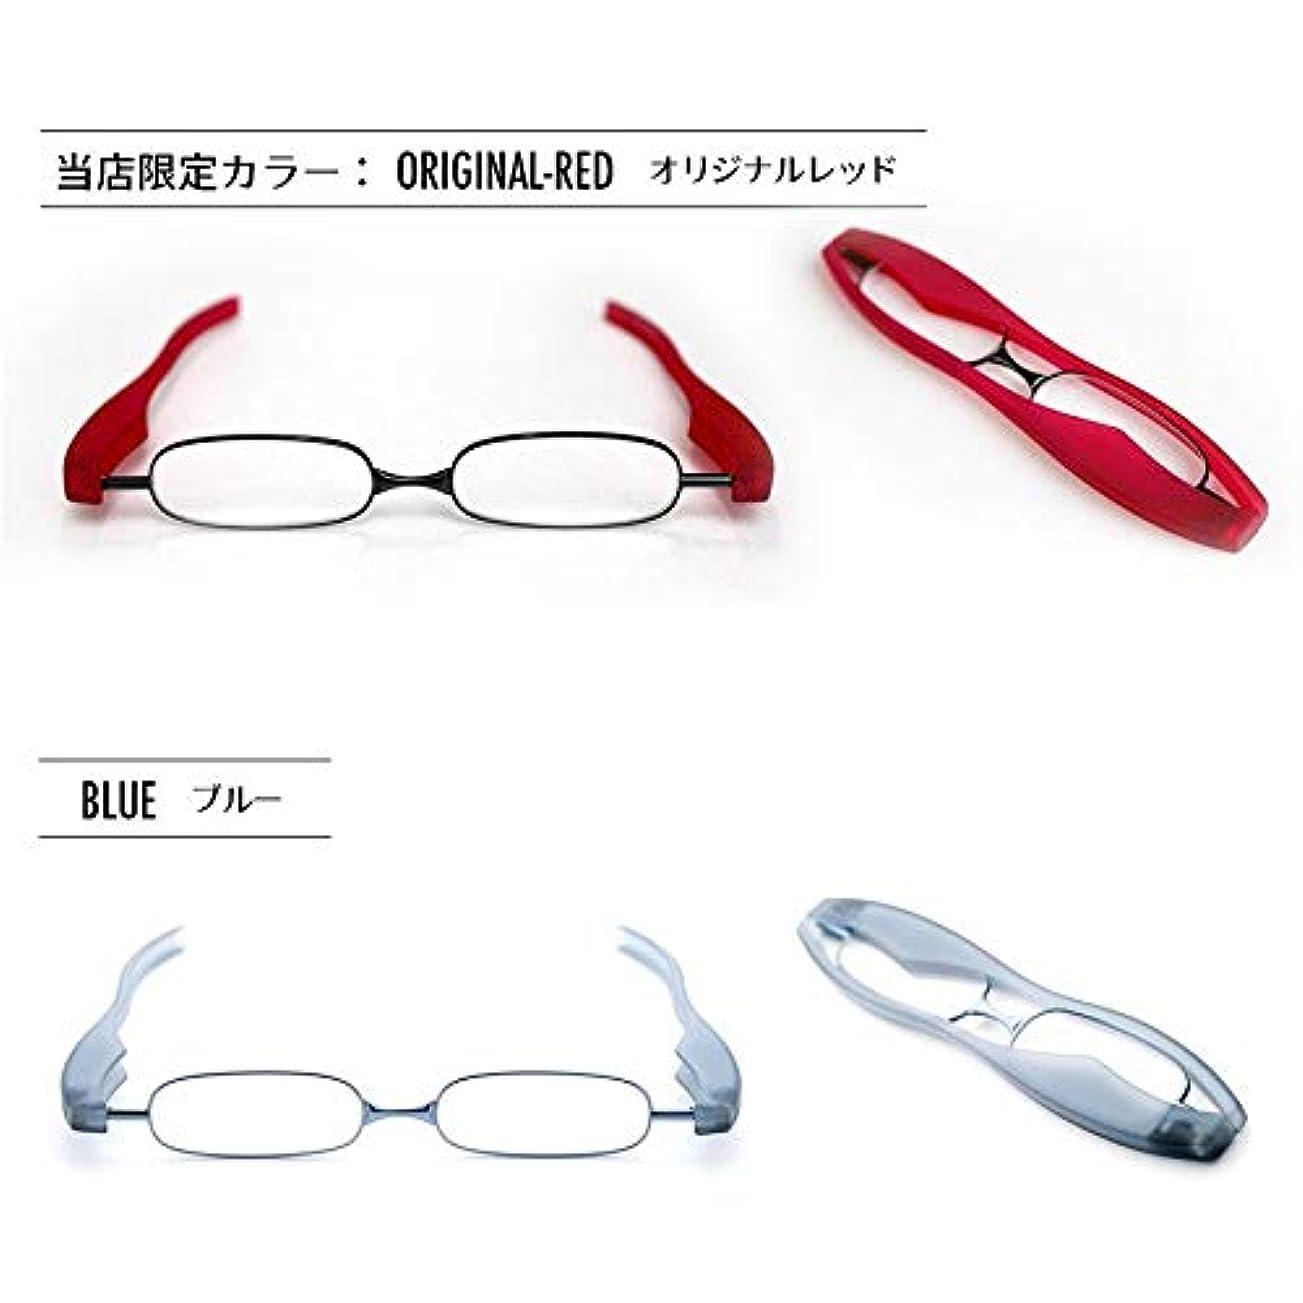 老眼鏡 ポットリーダースマート 2本セット【オリジナルレッド(2.5)】+【ブルー(2.0)】